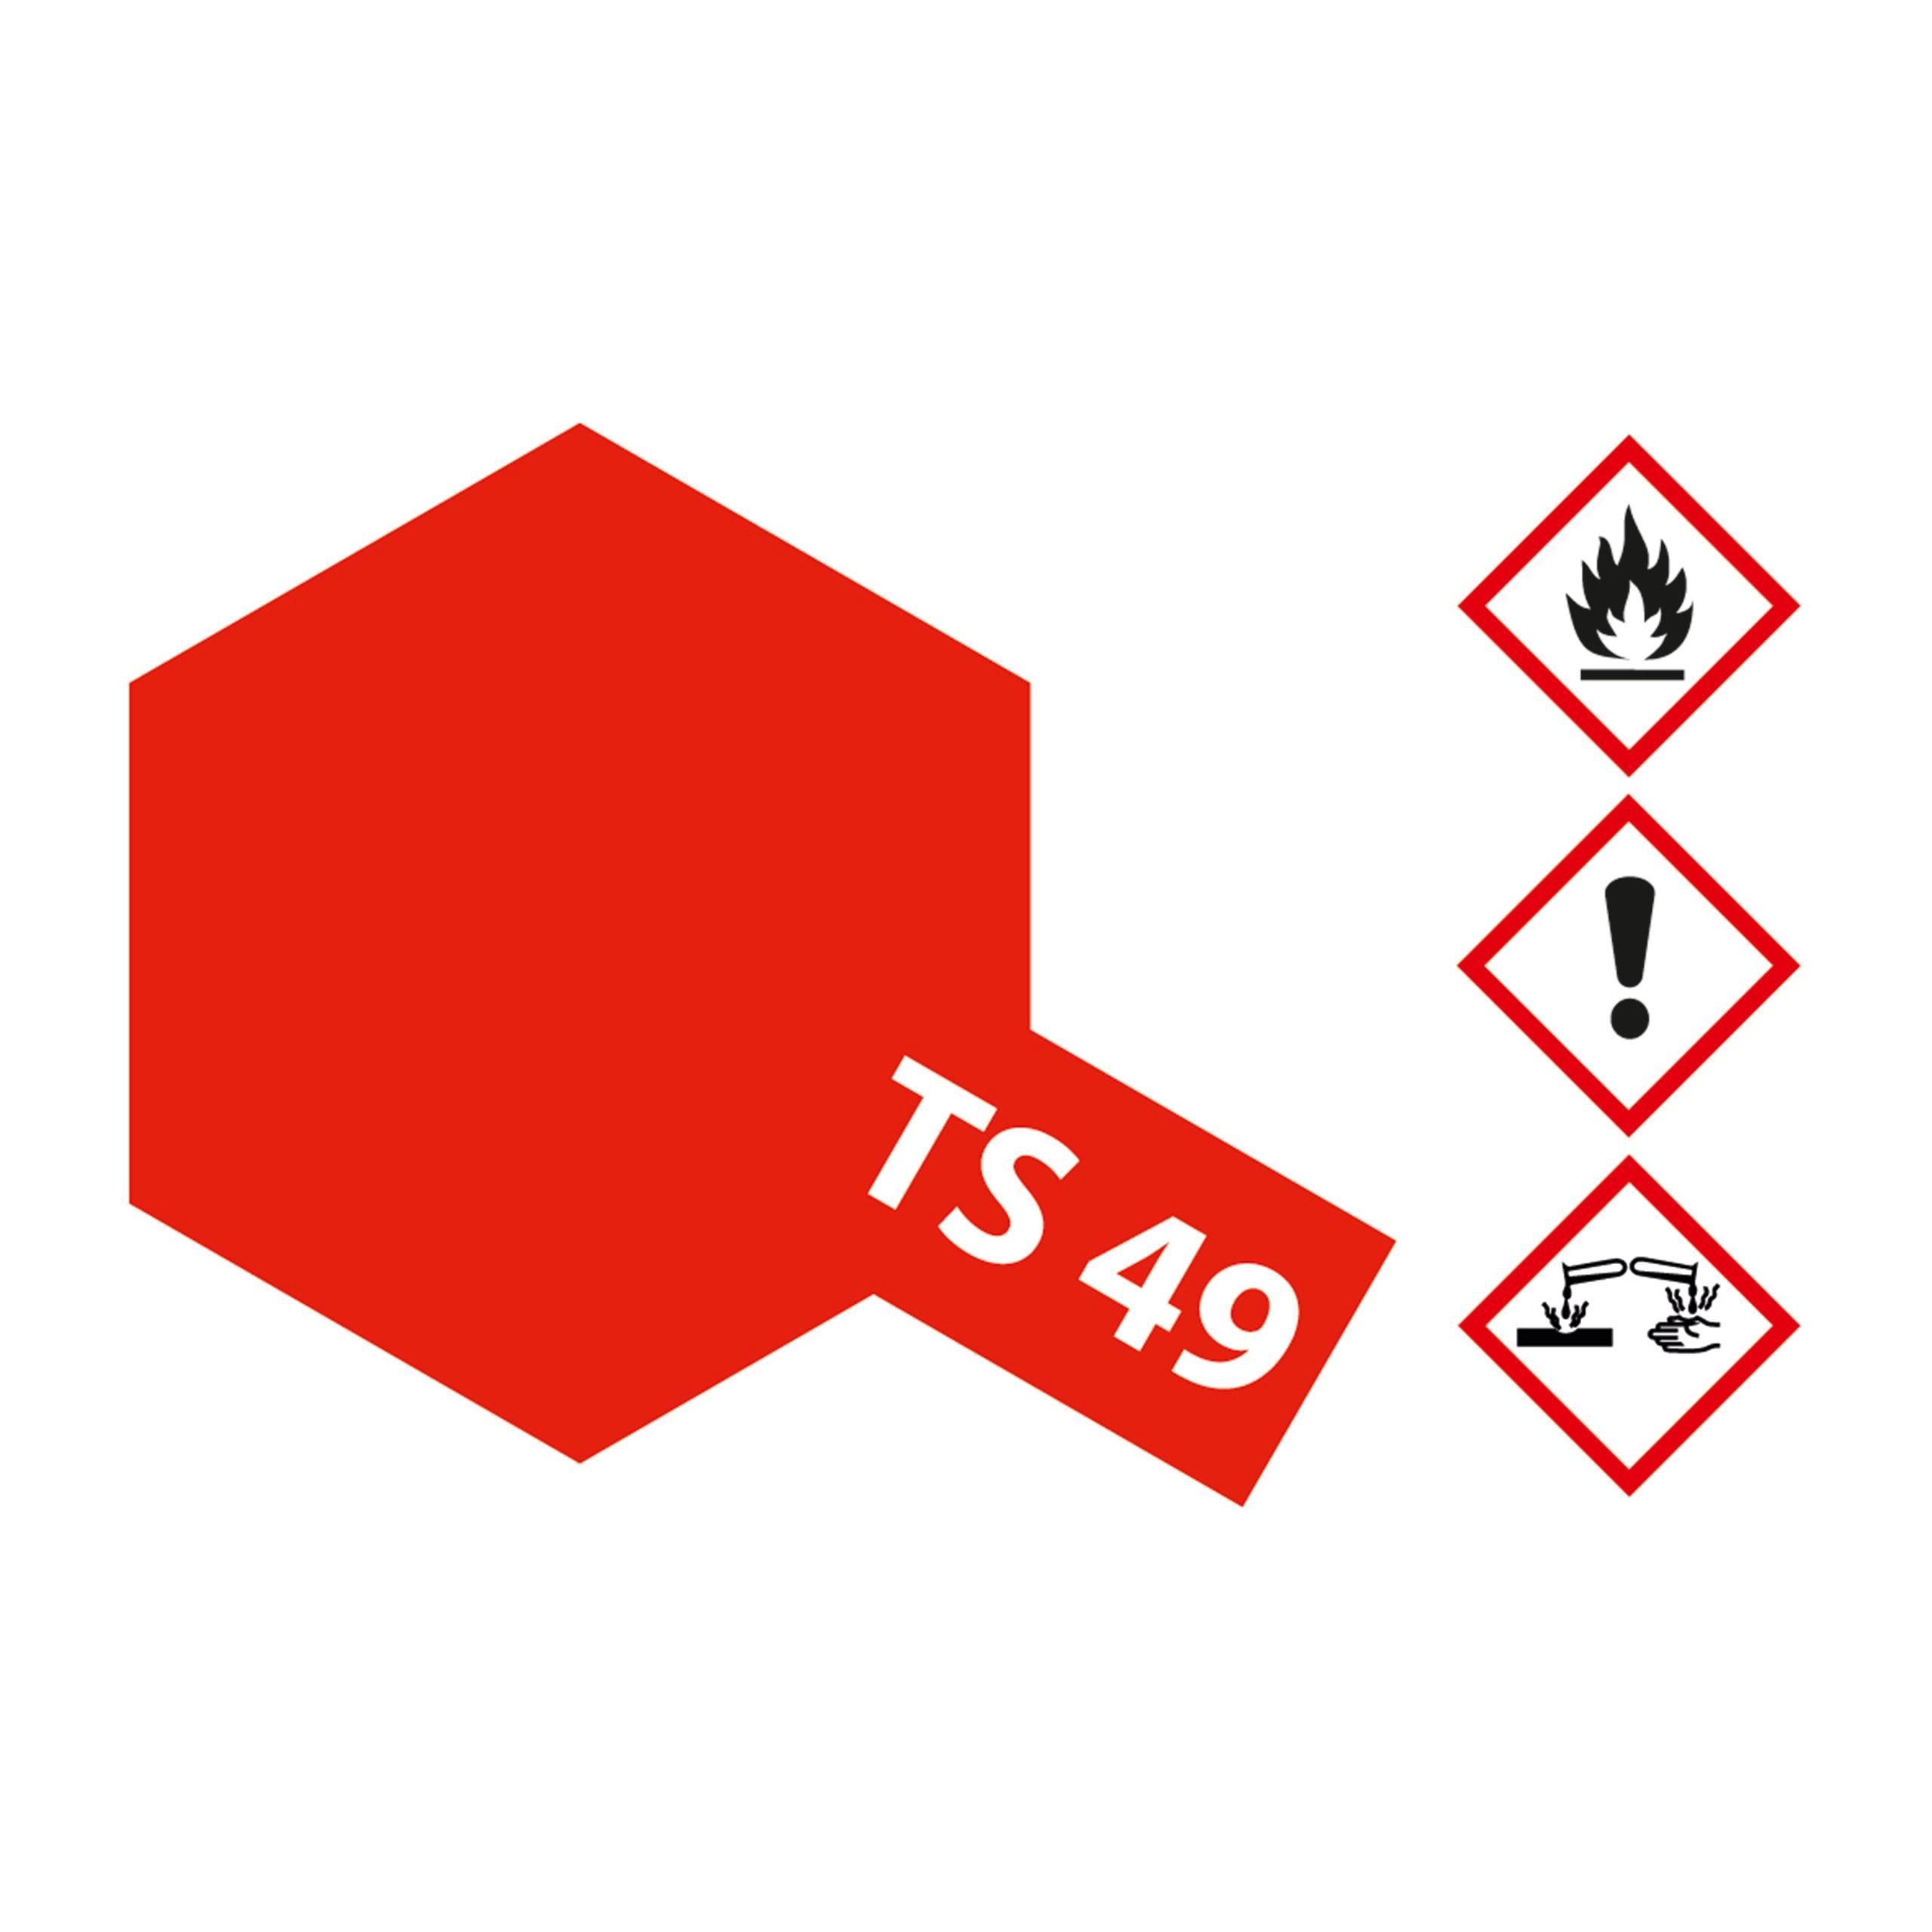 TS-49 Hellrot glaenzend - 100ml Sprayfarbe Kunstharz Tamiya 300085049